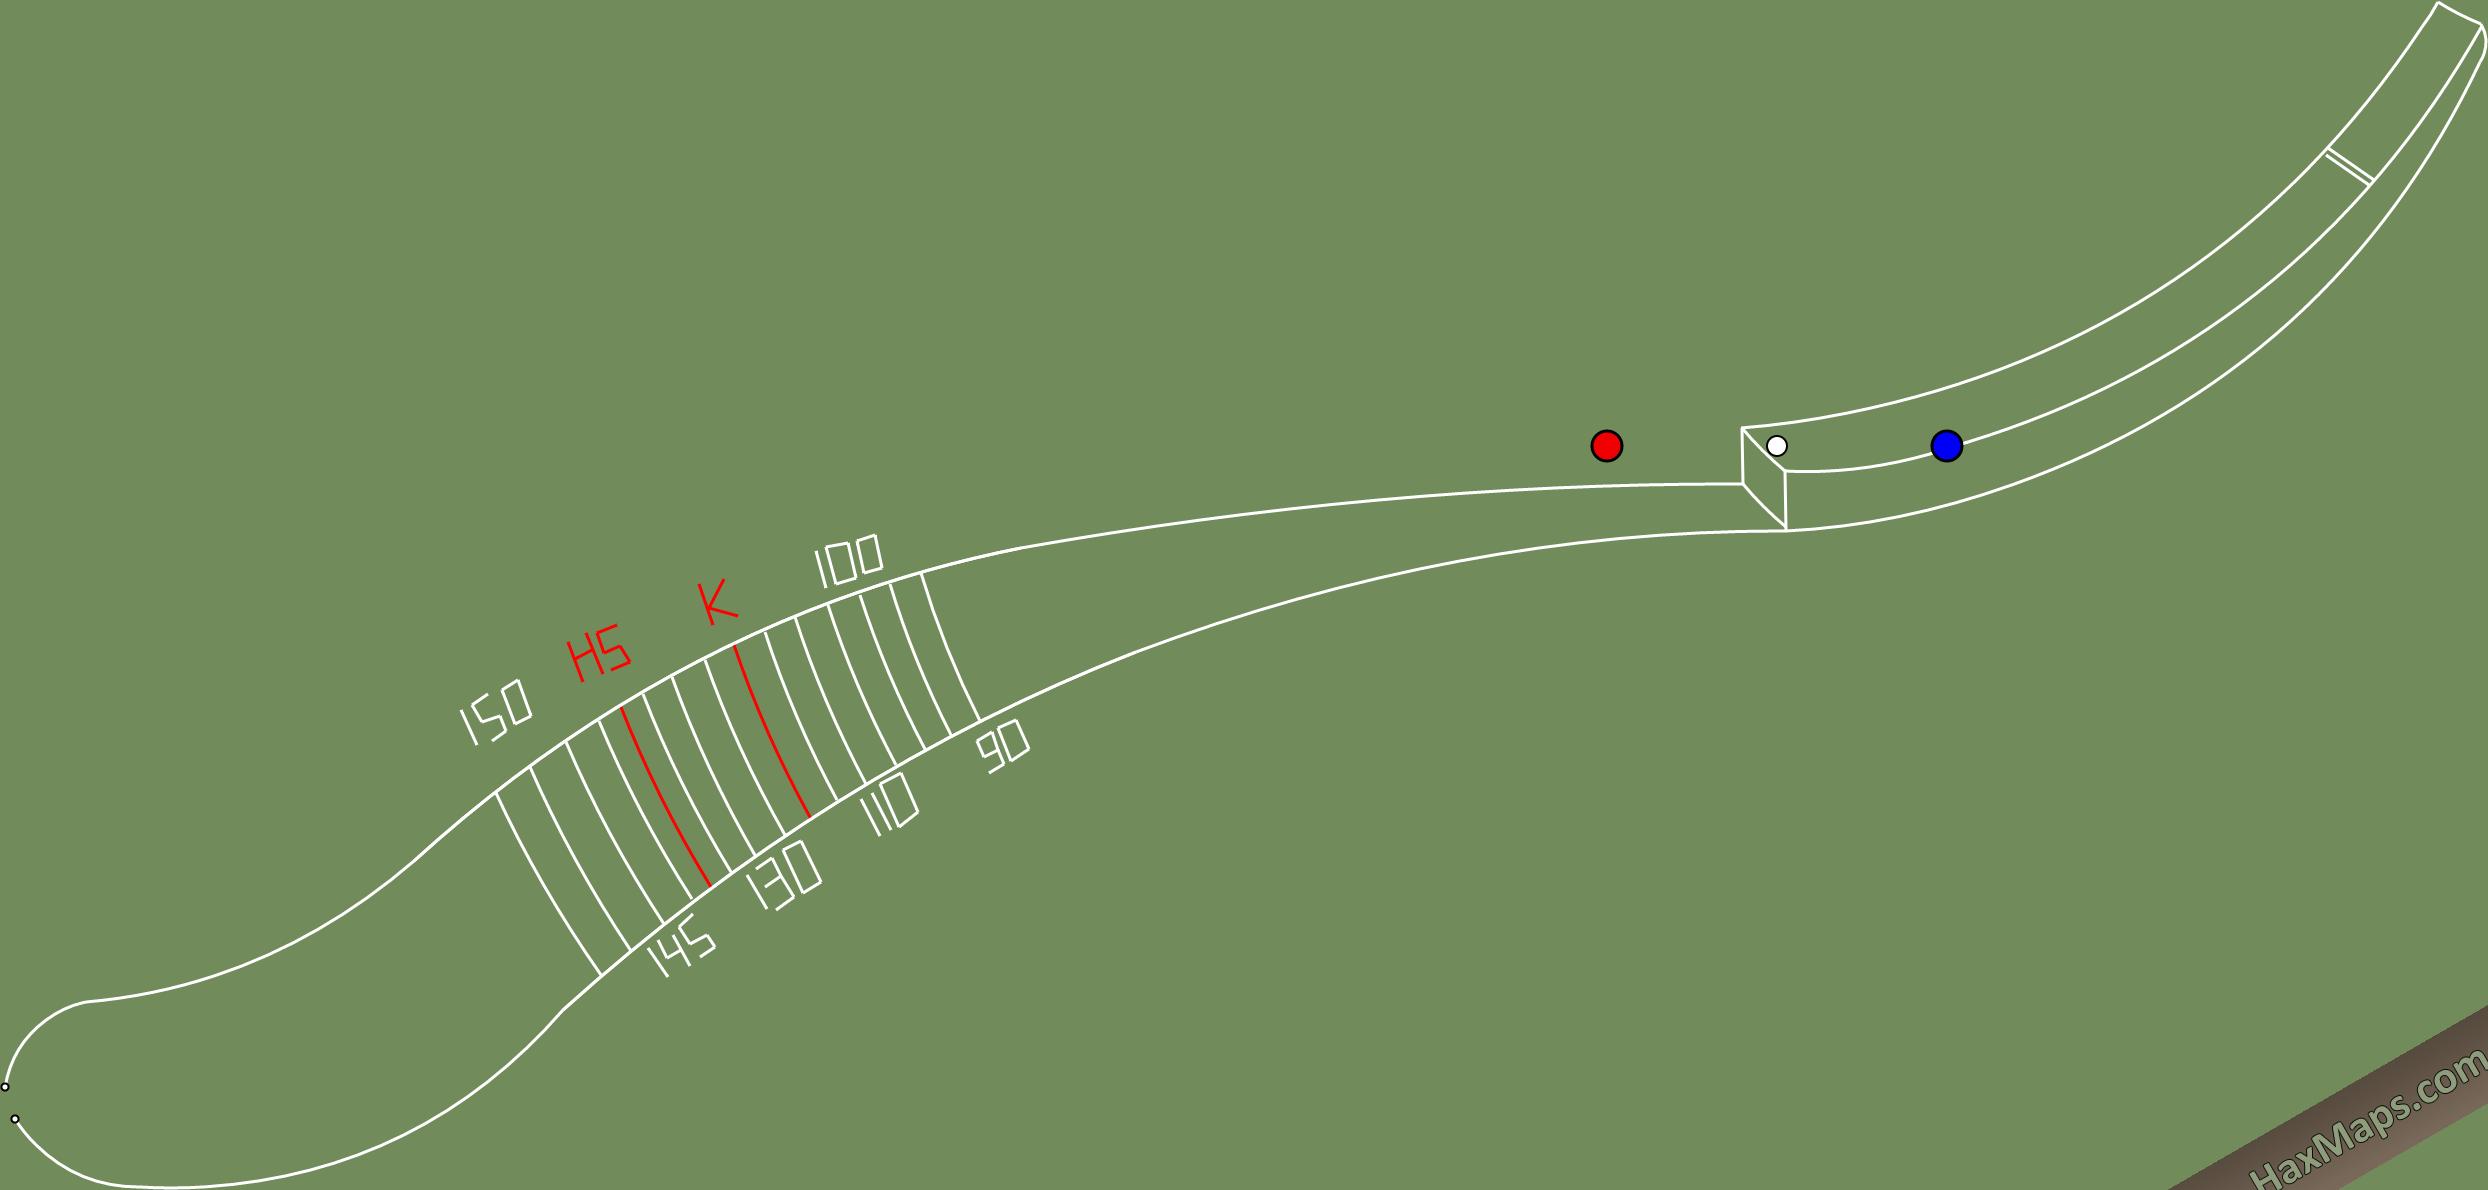 hax ball maps | Oberstdorf WYKONANIE OSTR